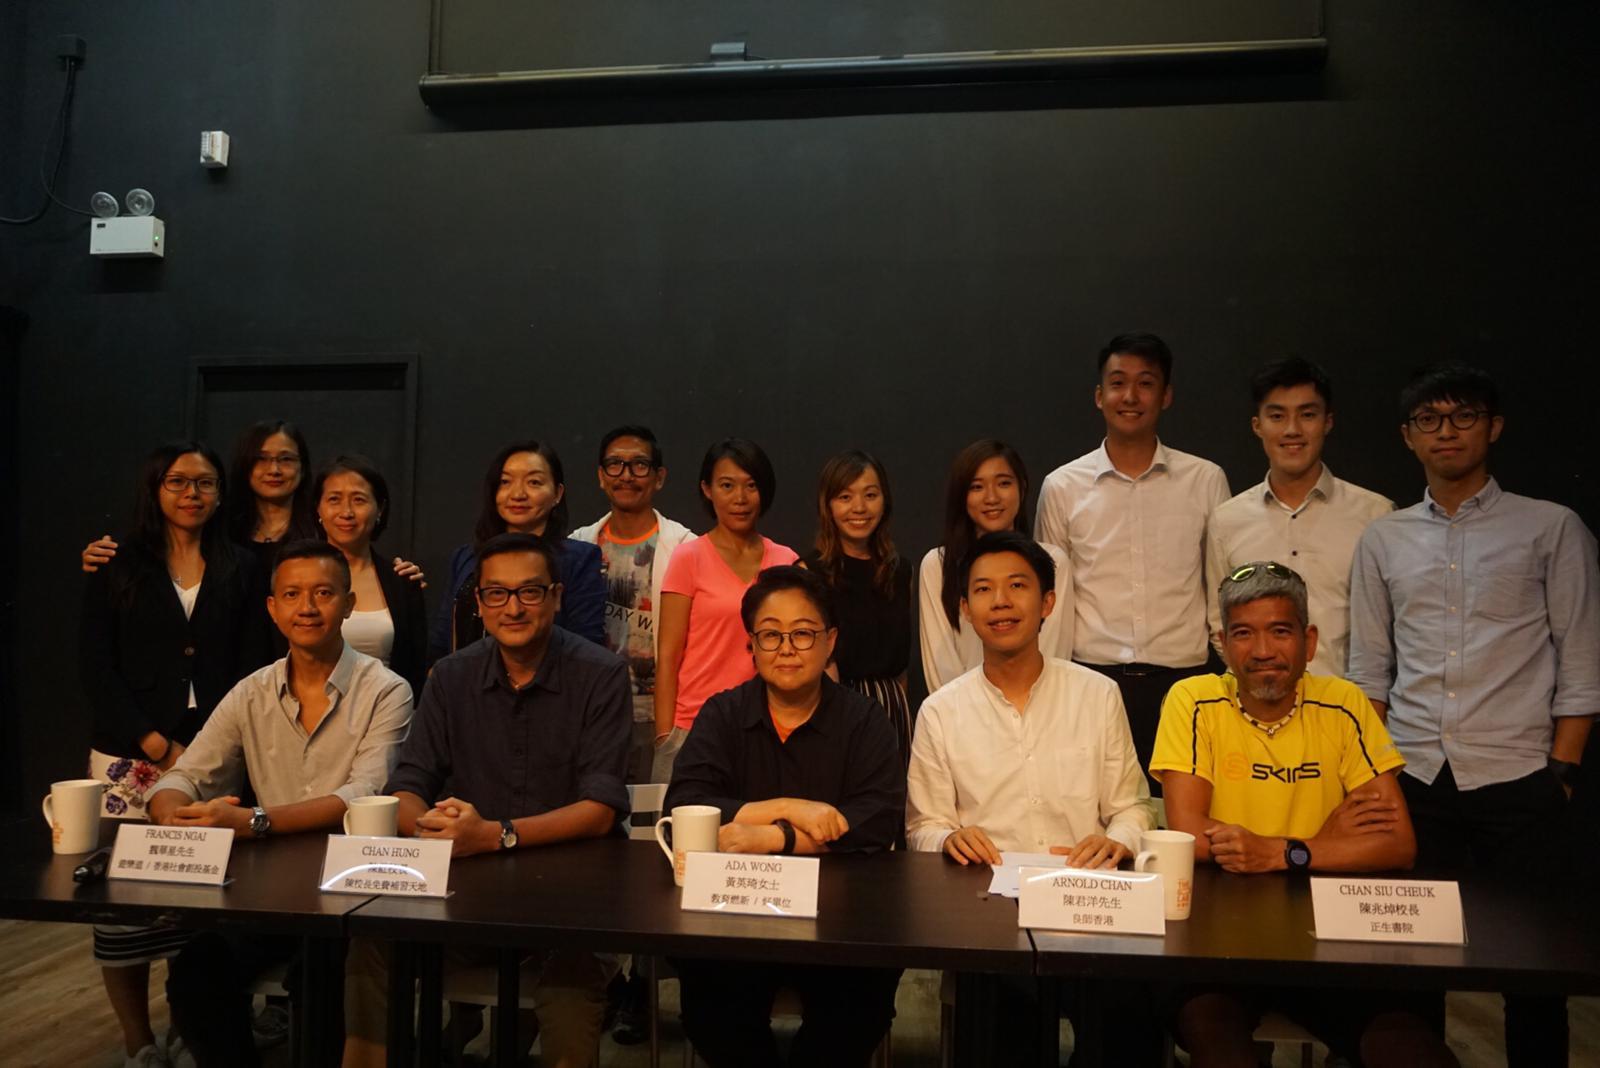 教育機構及教育界人士,聯合發起「和與解校園」願景。